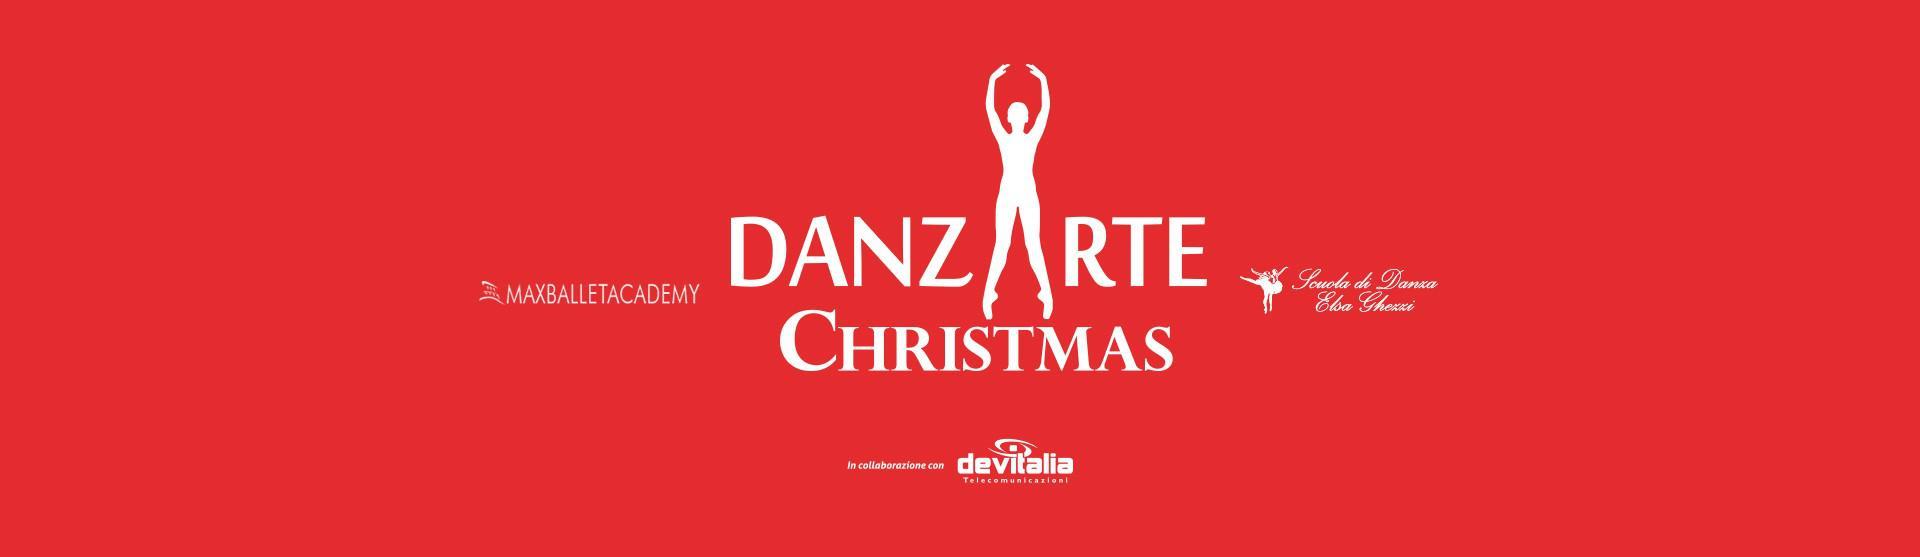 DanzArte Christmas 2018